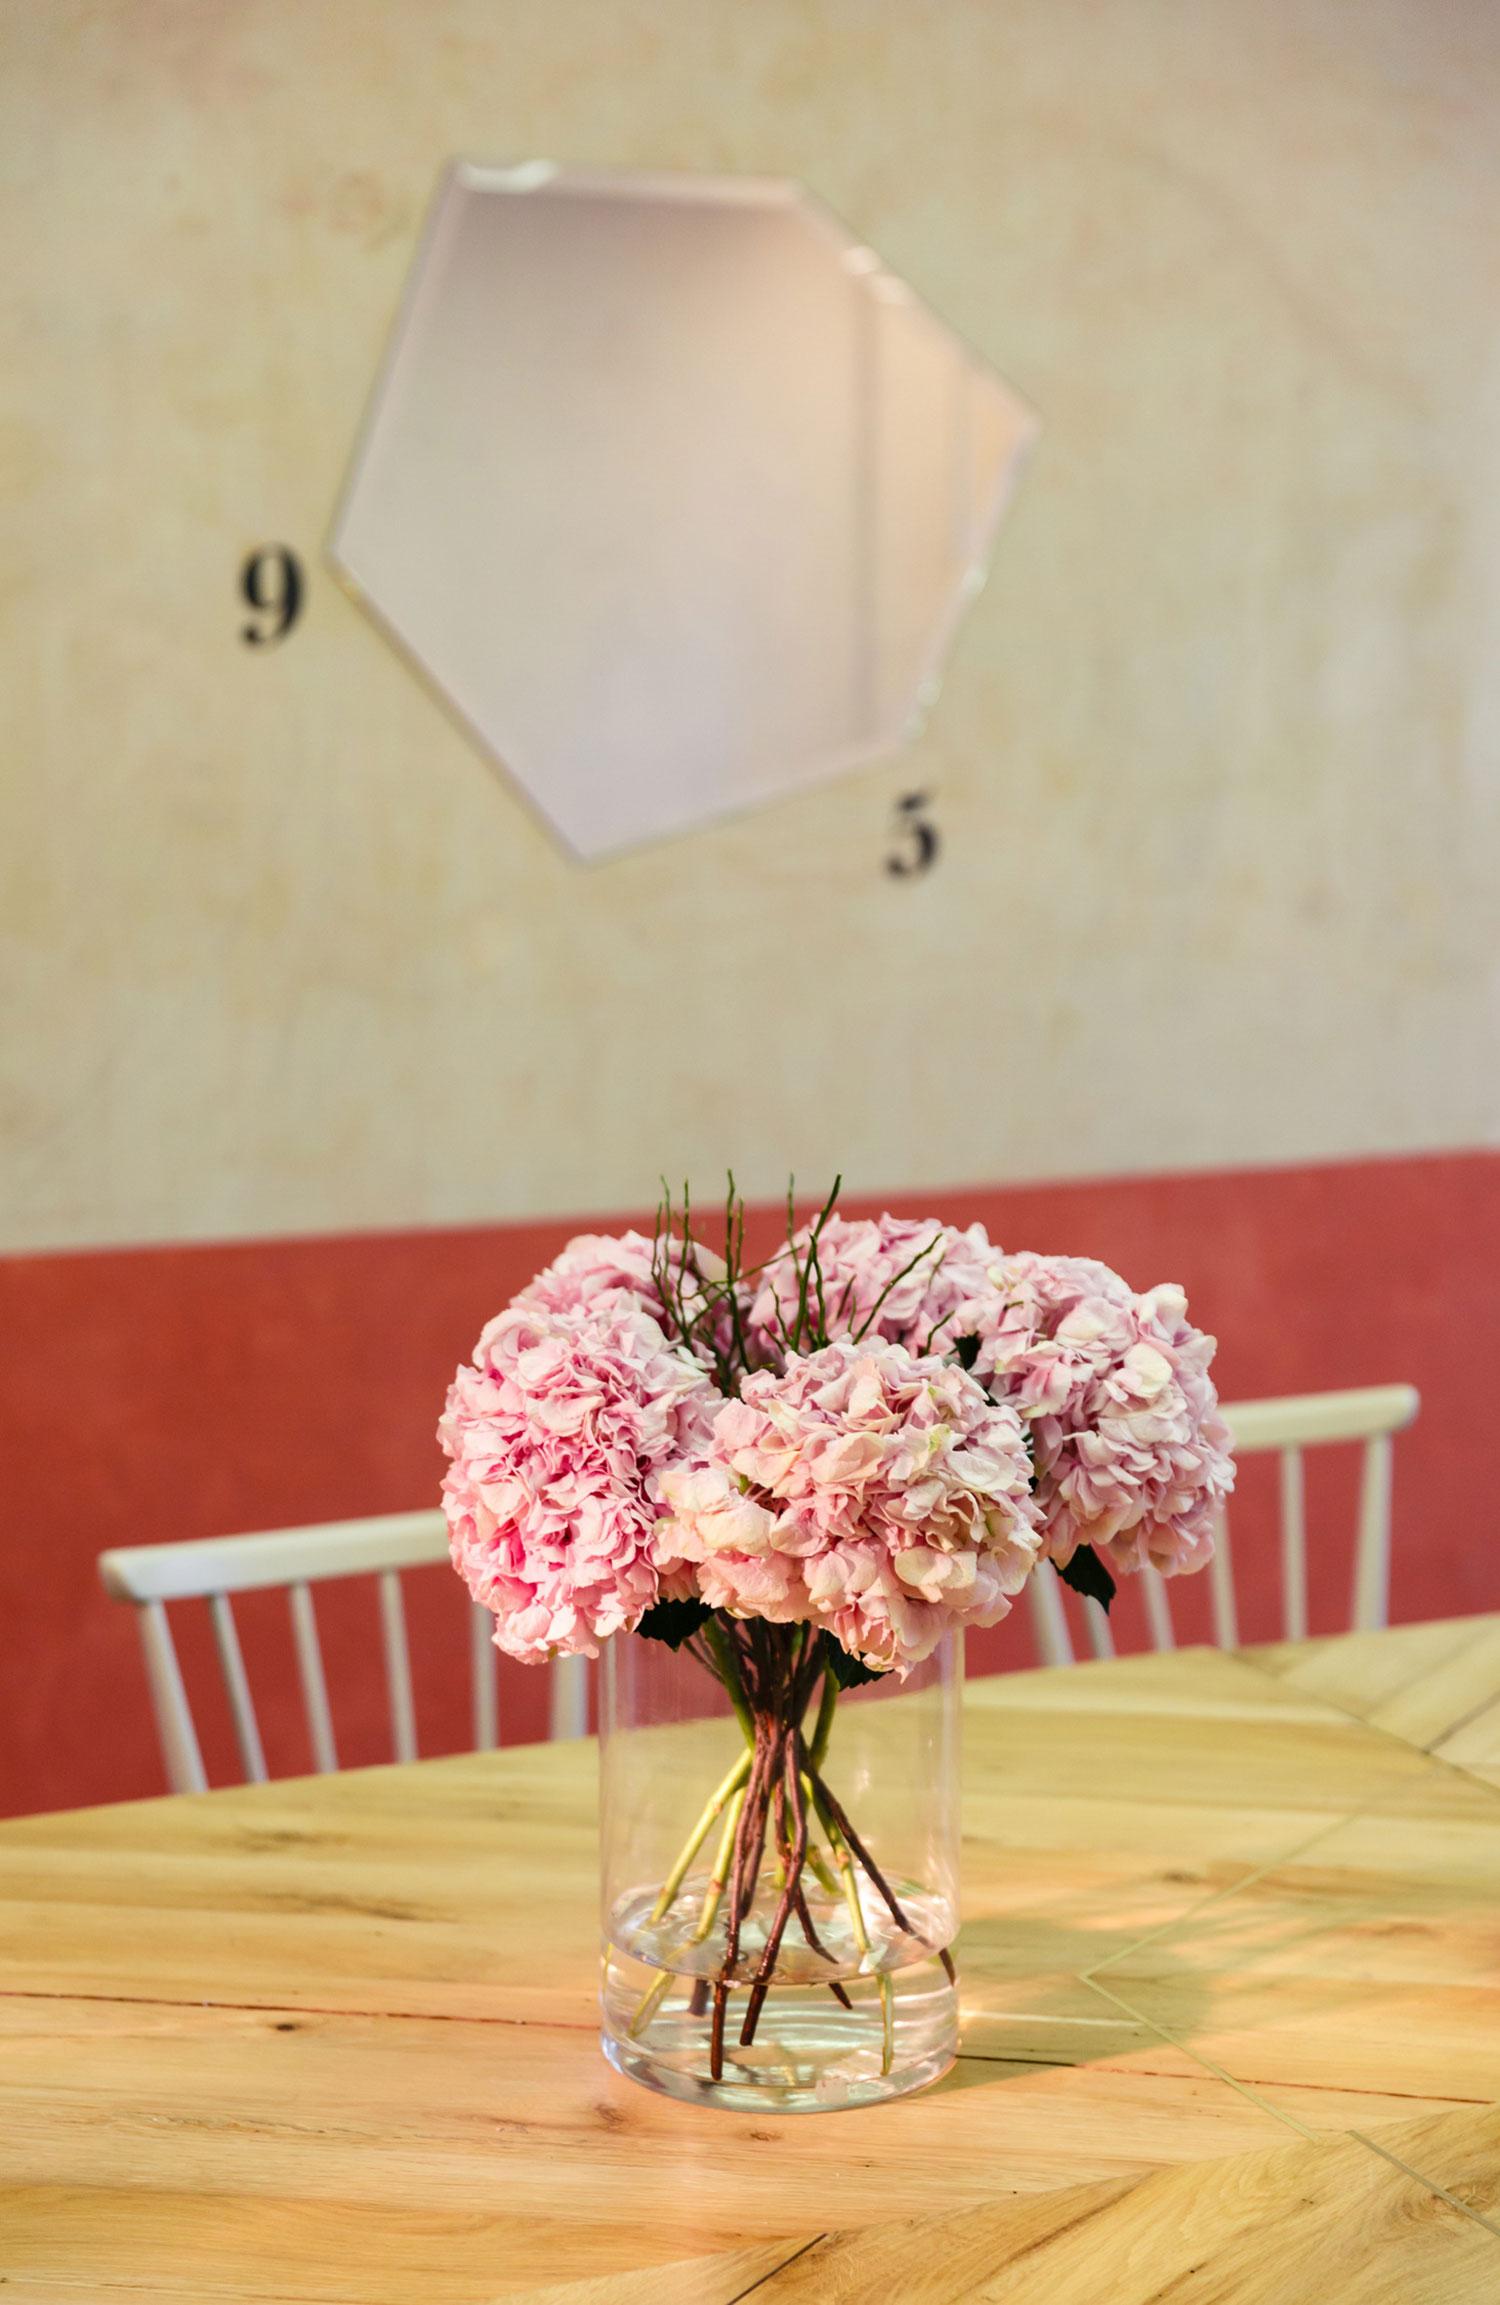 Mas cerca de la mesa y el florero